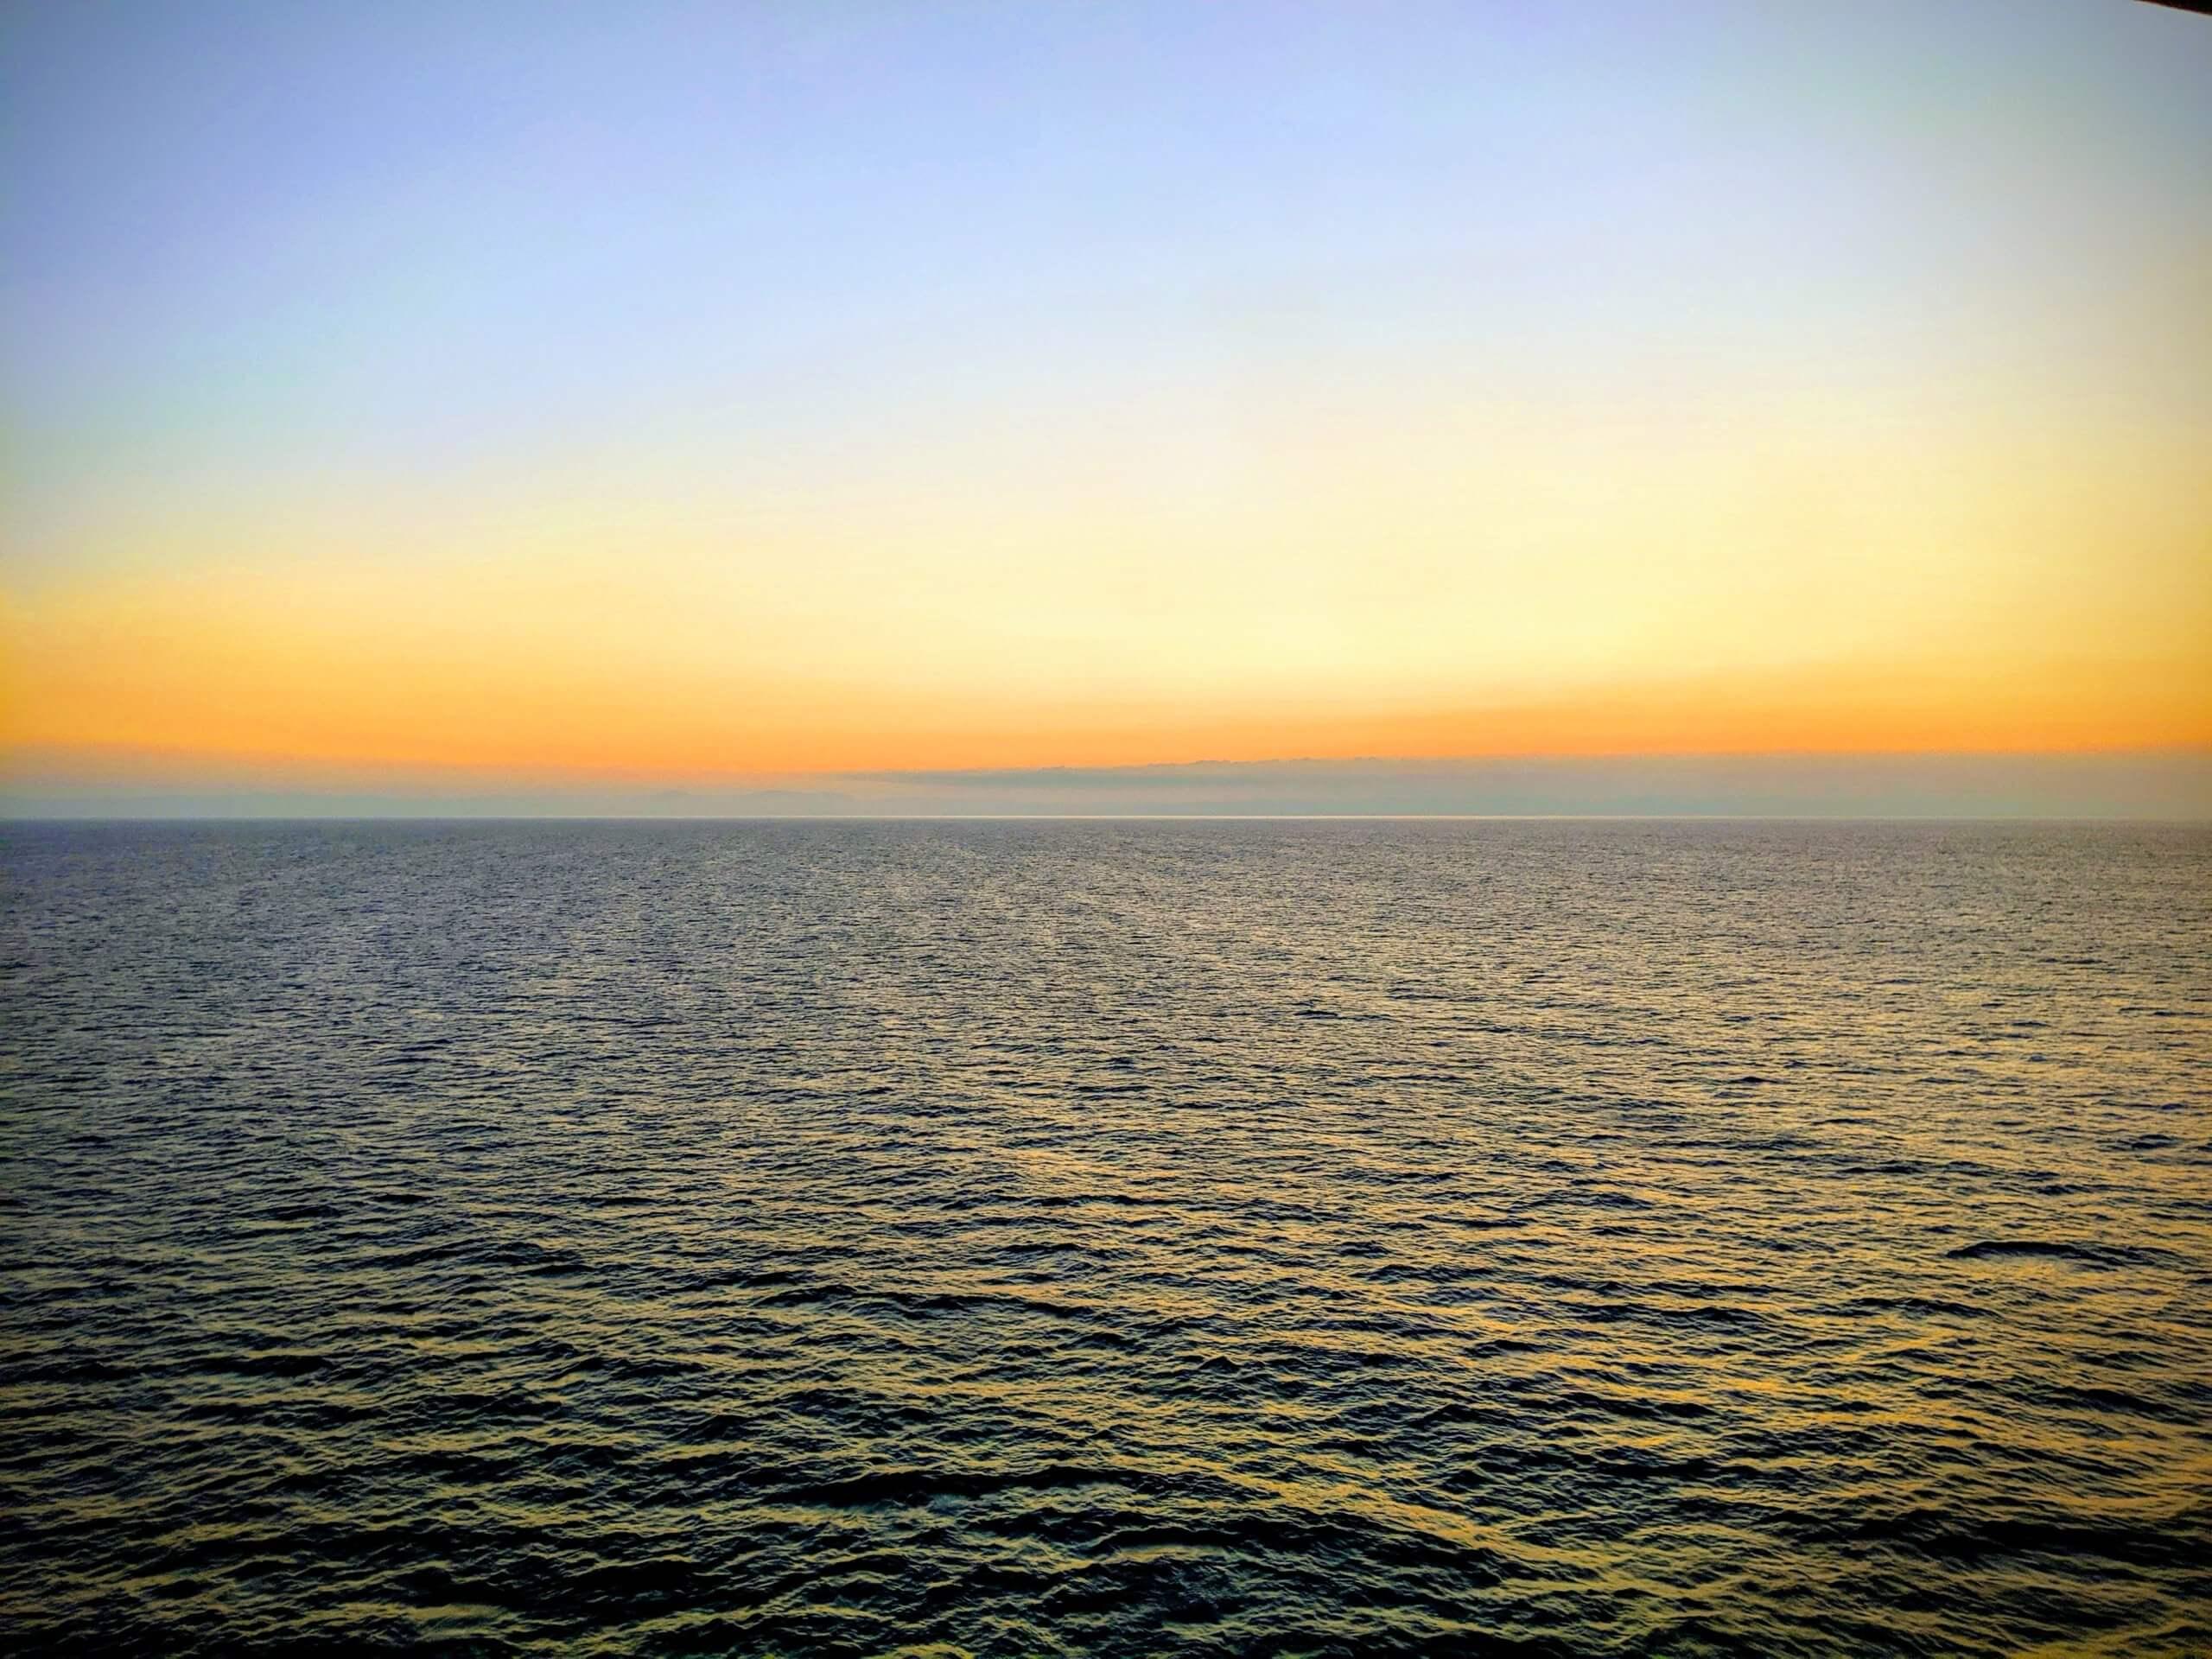 船から観た夕日の風景